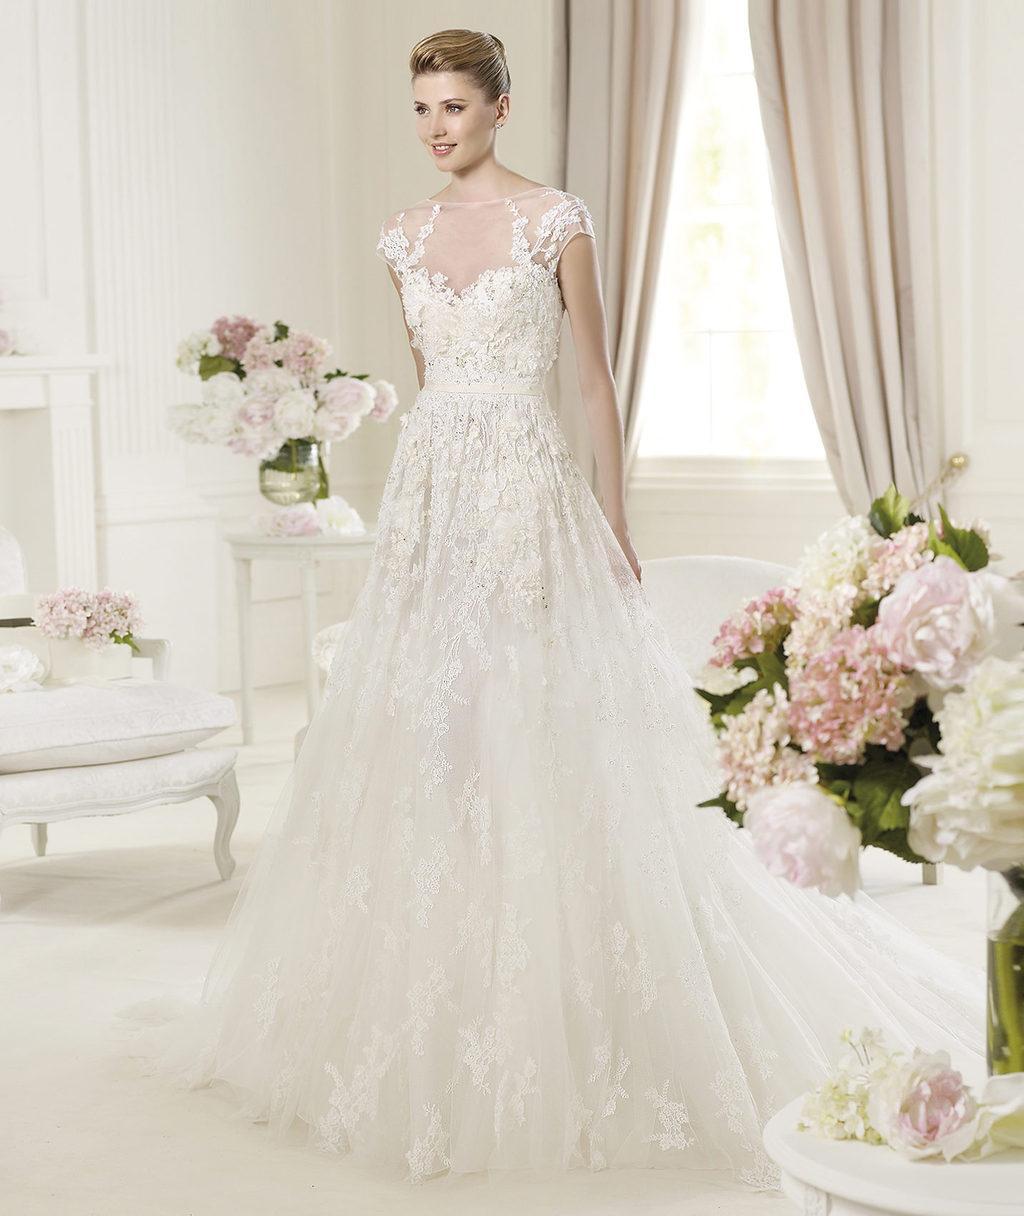 Elie-saab-wedding-dress-2014-pronovias-bridal-monceau.full